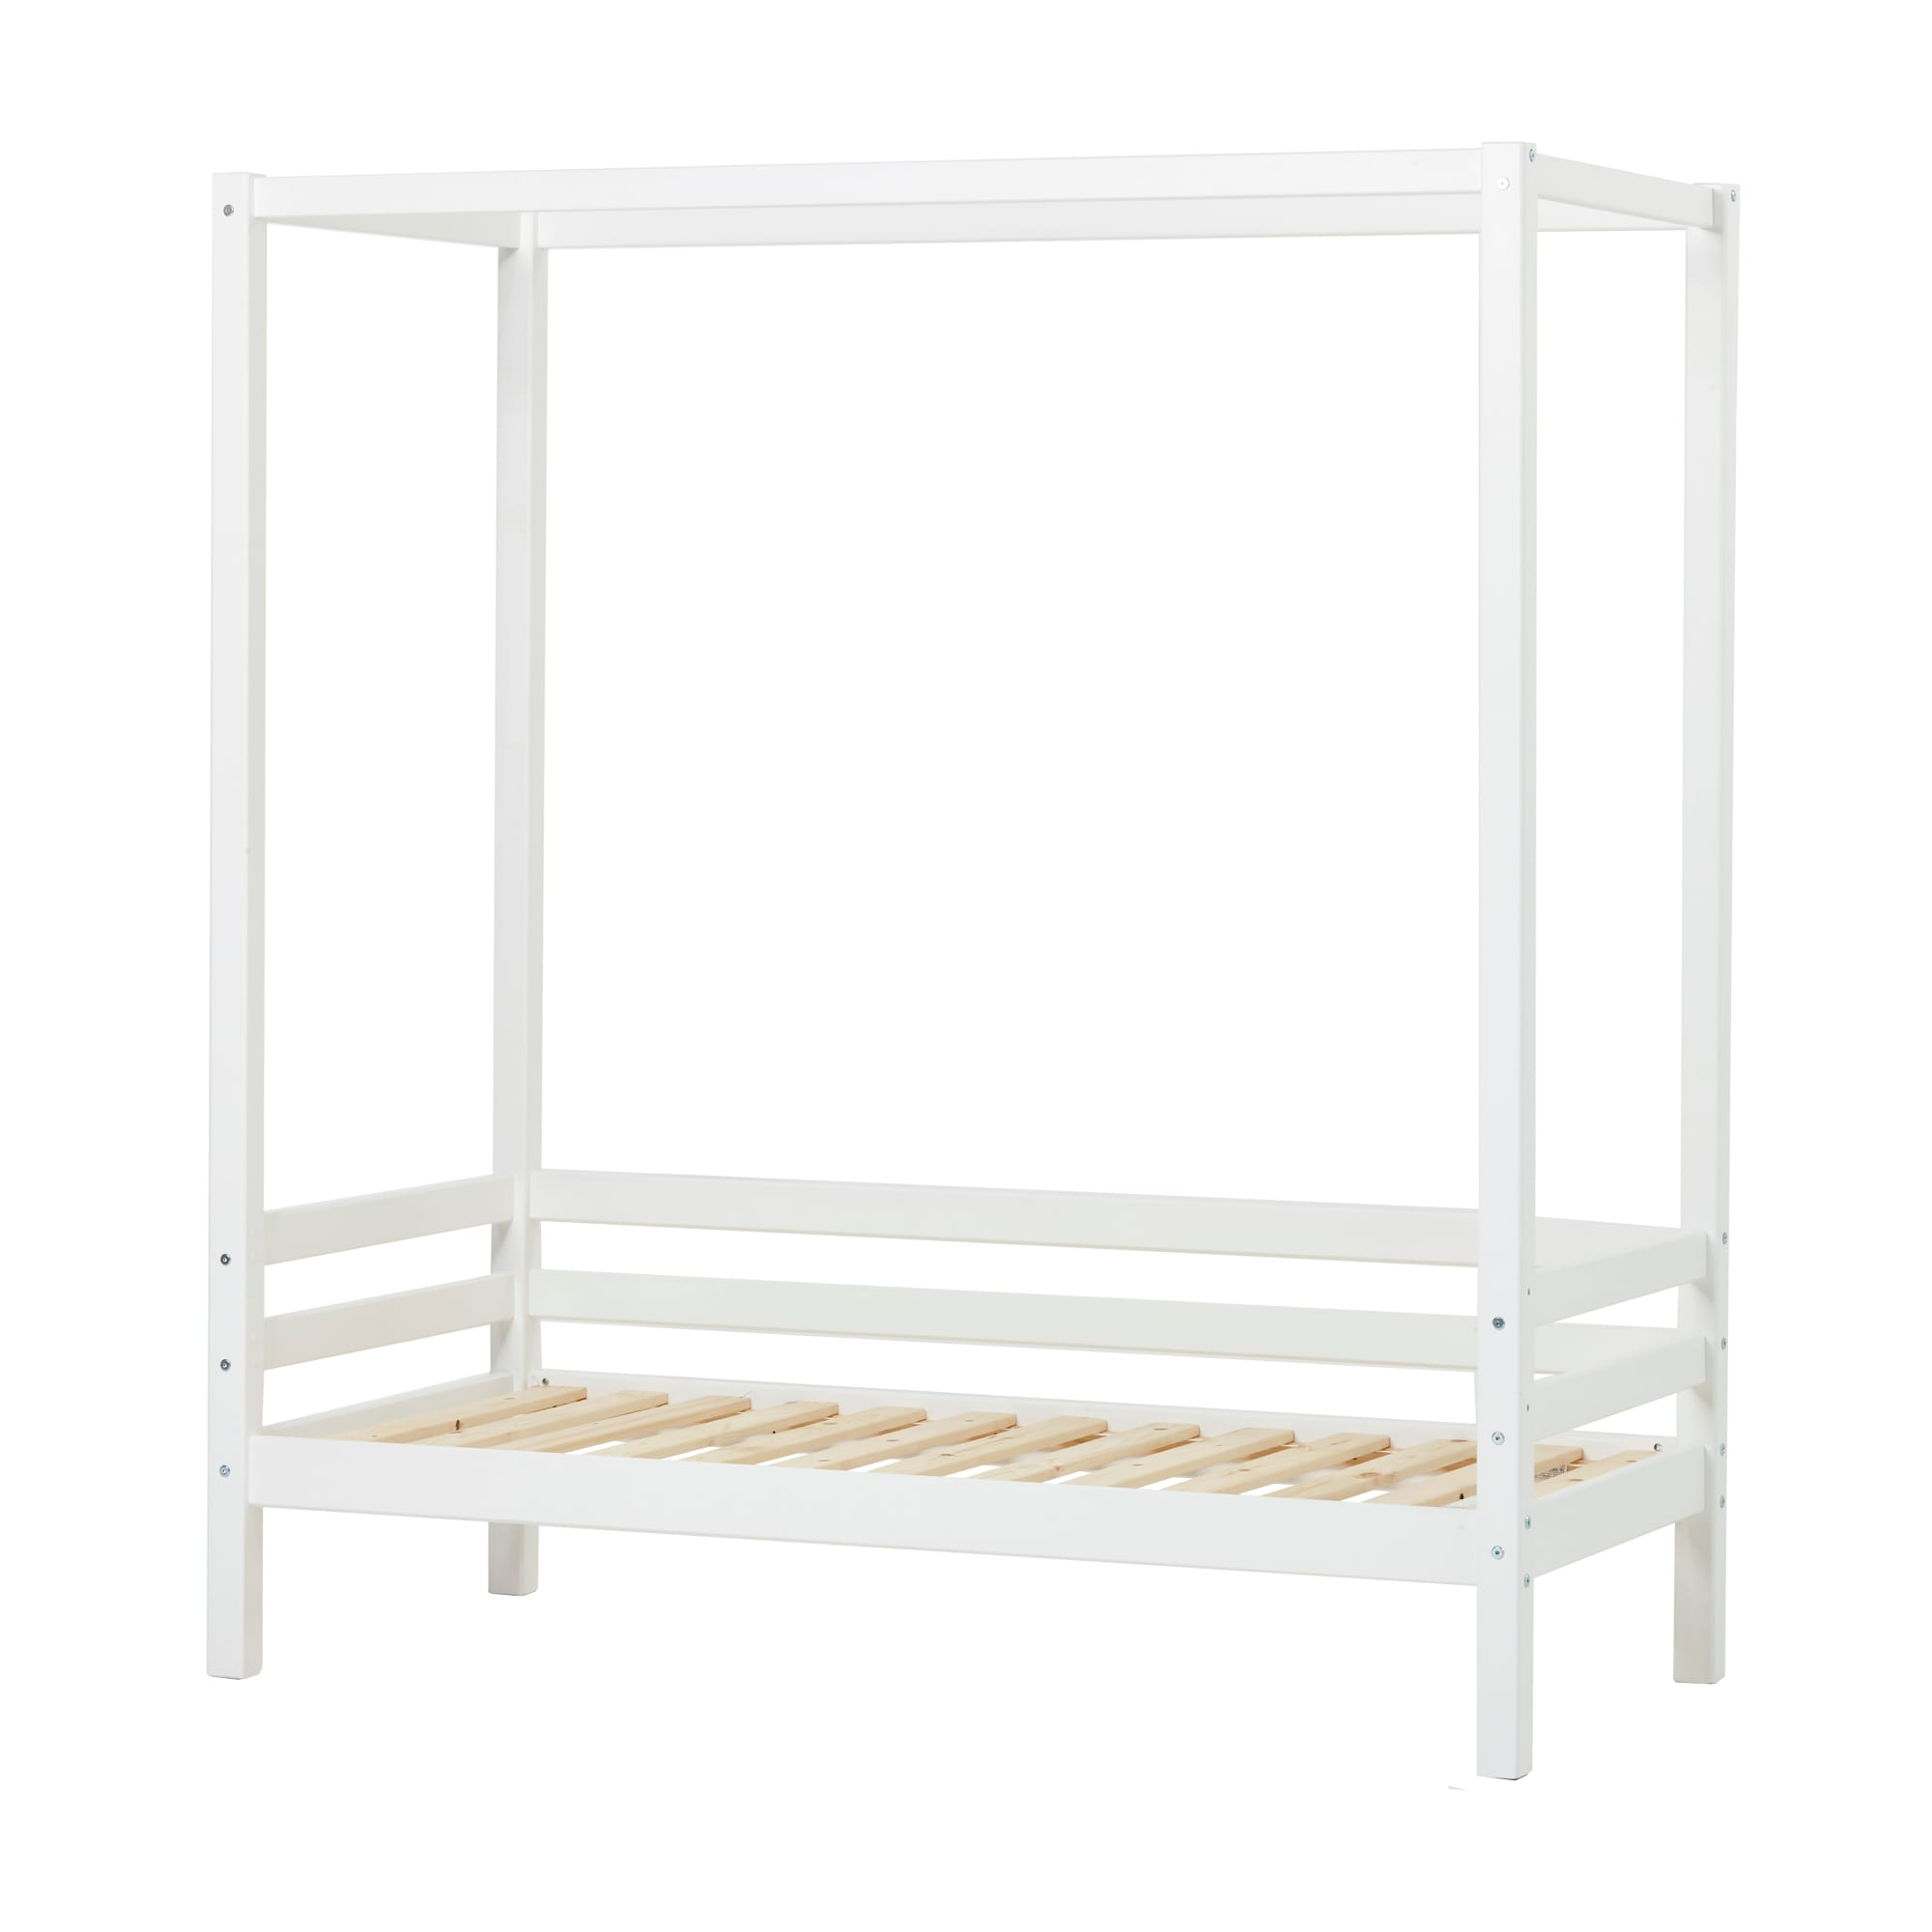 90 x 200 cm - Svanemærket børneseng - Skab den hyggeligste soveplads